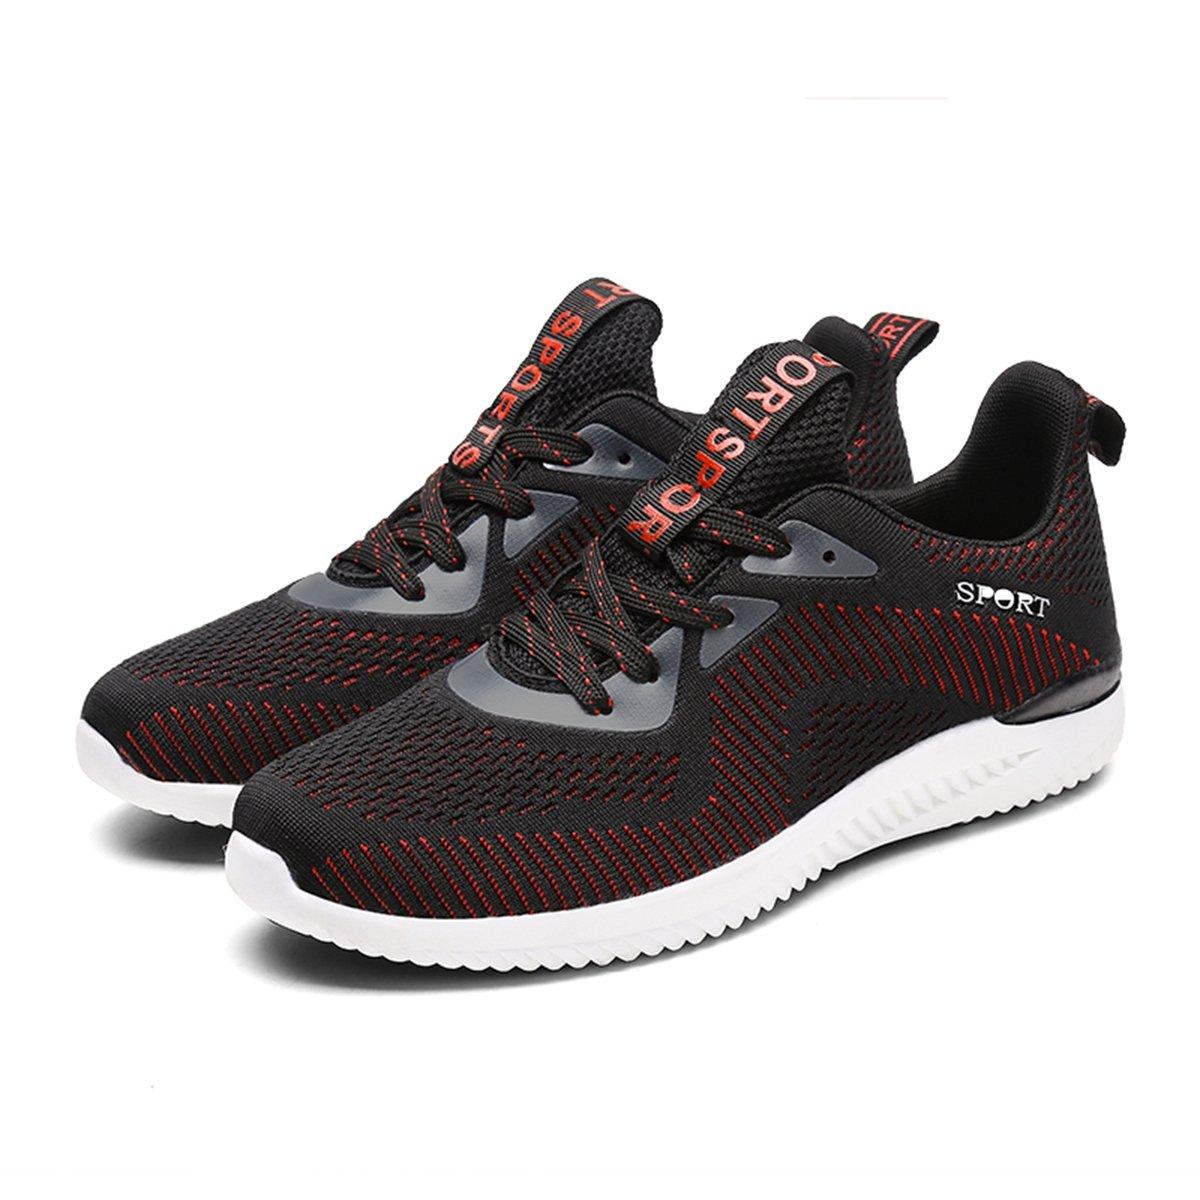 LanFengeu Unisex-Erwachsene Sportschuhe Textil Atmungsaktiv Laufschuhe Freizeit Übergroße Dämpfung Leichte Leichte Leichte Turnschuhe 7ddb7b